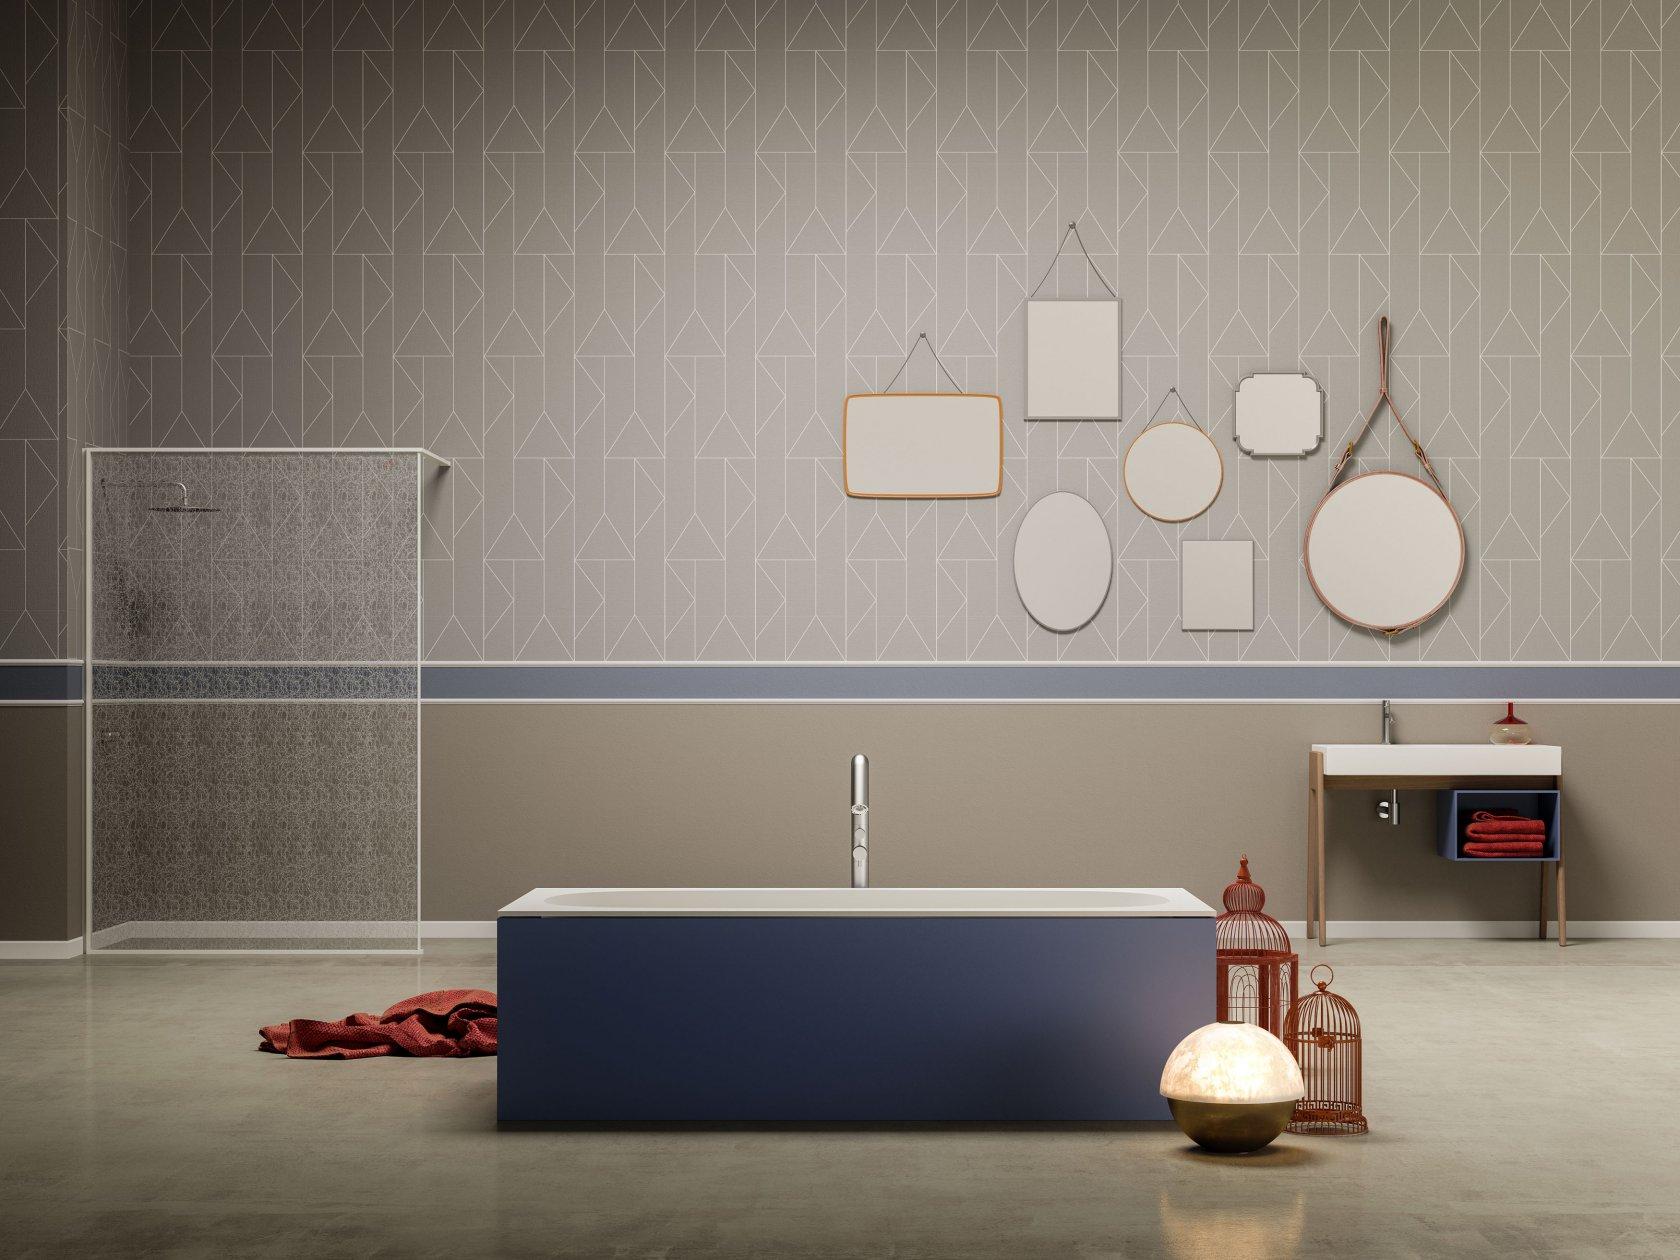 Vasca Da Bagno Incasso 190x90 : Blubleu vasche da bagno vasche da bagno edilceramiche di maccanò